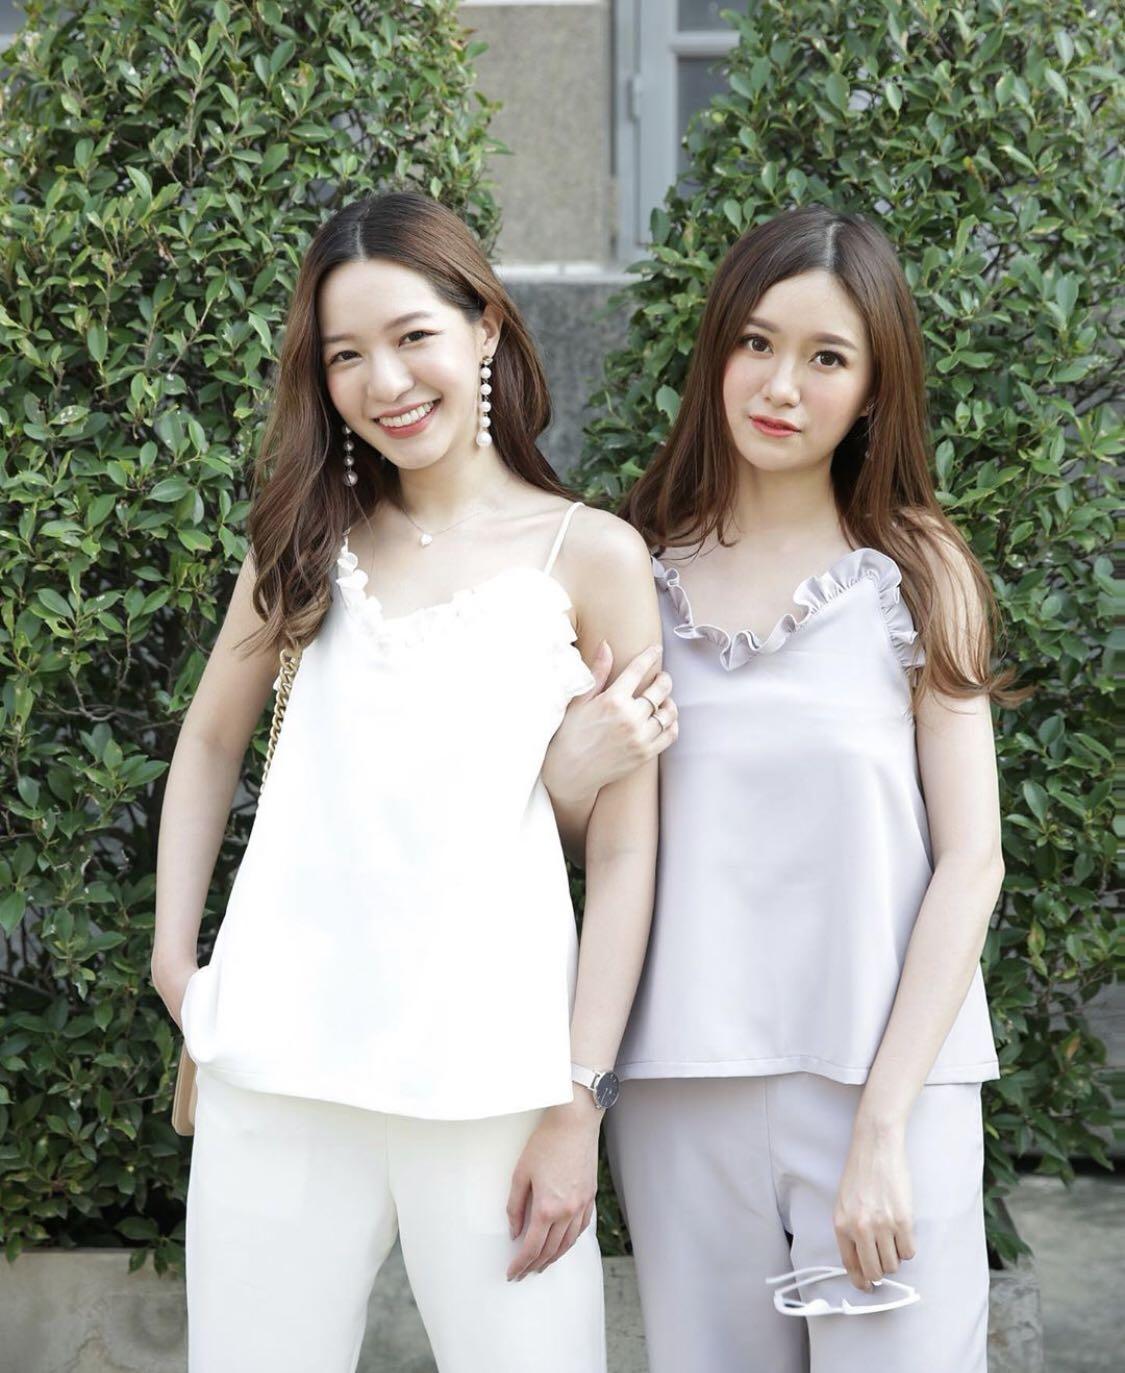 泰国代购包邮包税5-7天到手 设计师2020早春荷叶边小女人吊带长裤